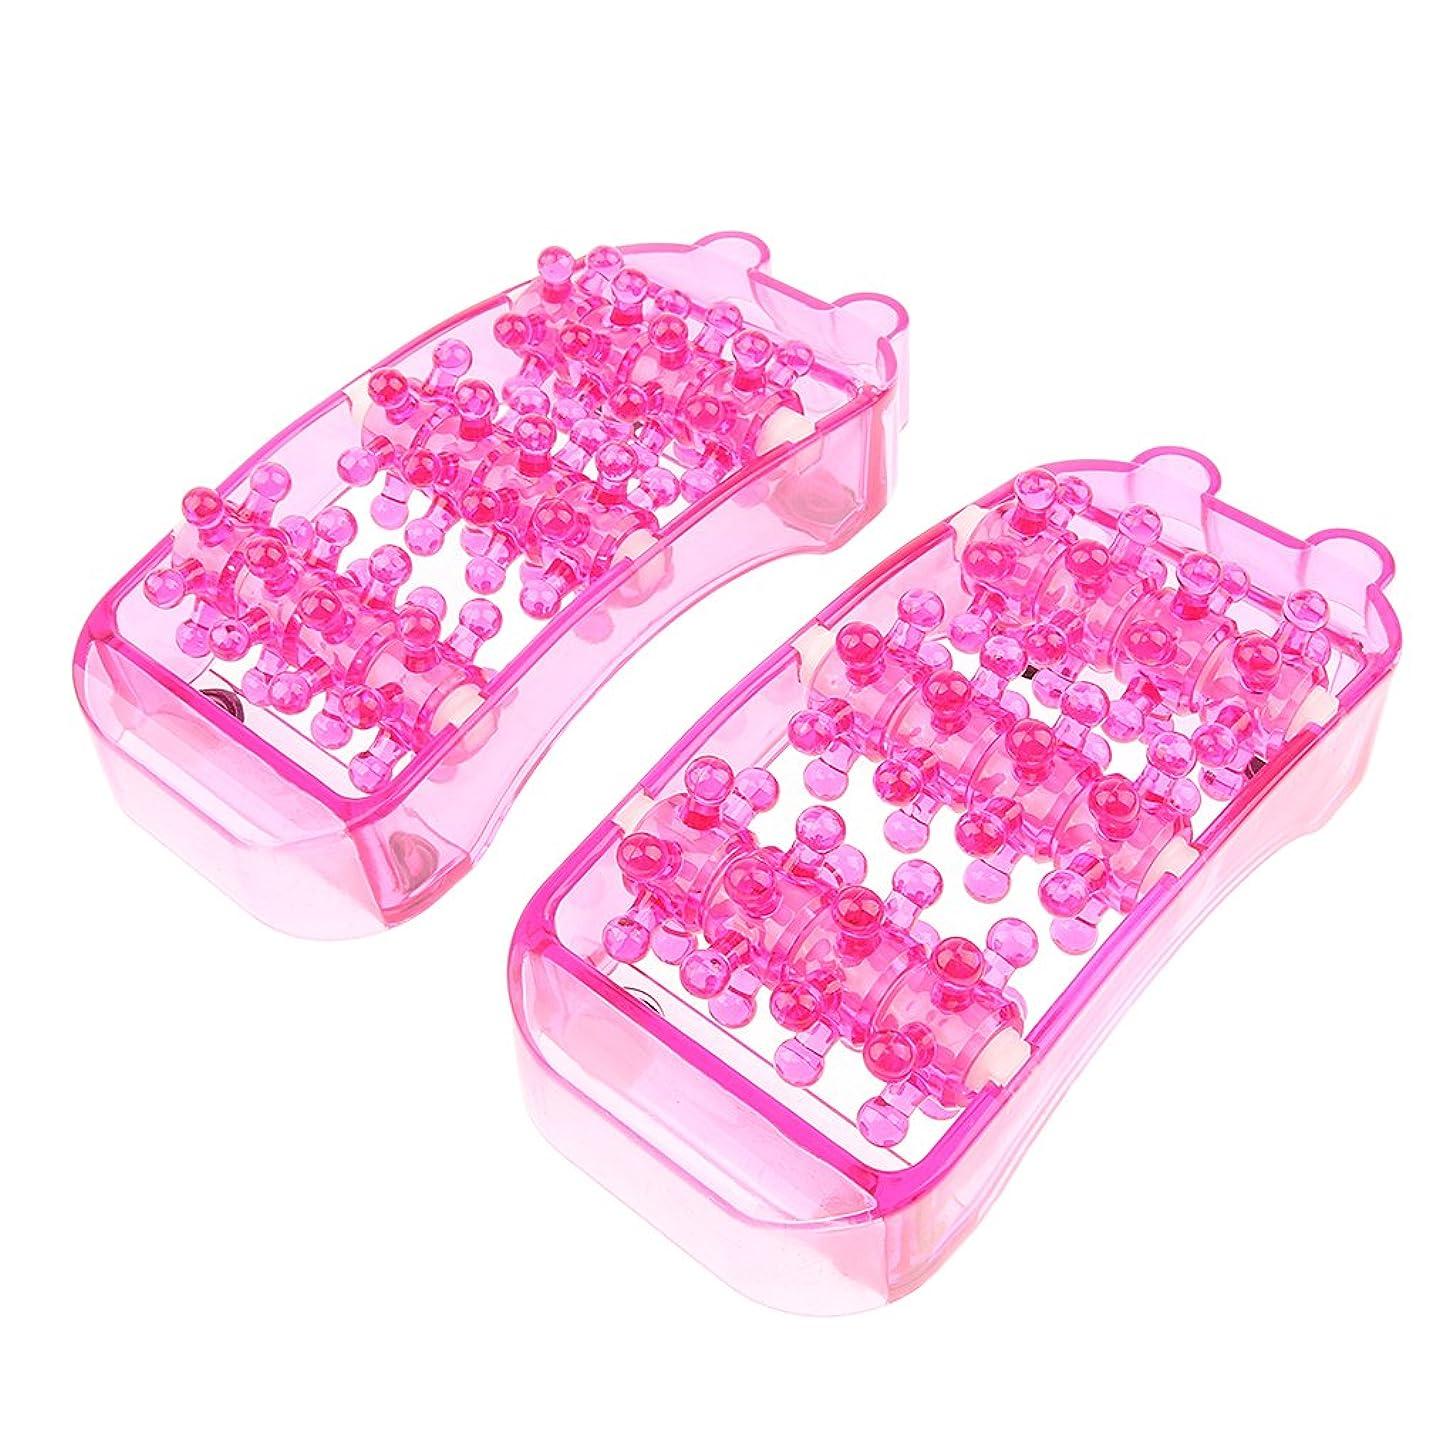 白い採用するロゴIPOTCH 2個 足マッサージ マッサージローラー フットケア マッサージローラー トリガーマッサージ ポイントマッサージ 全3色 - ピンク